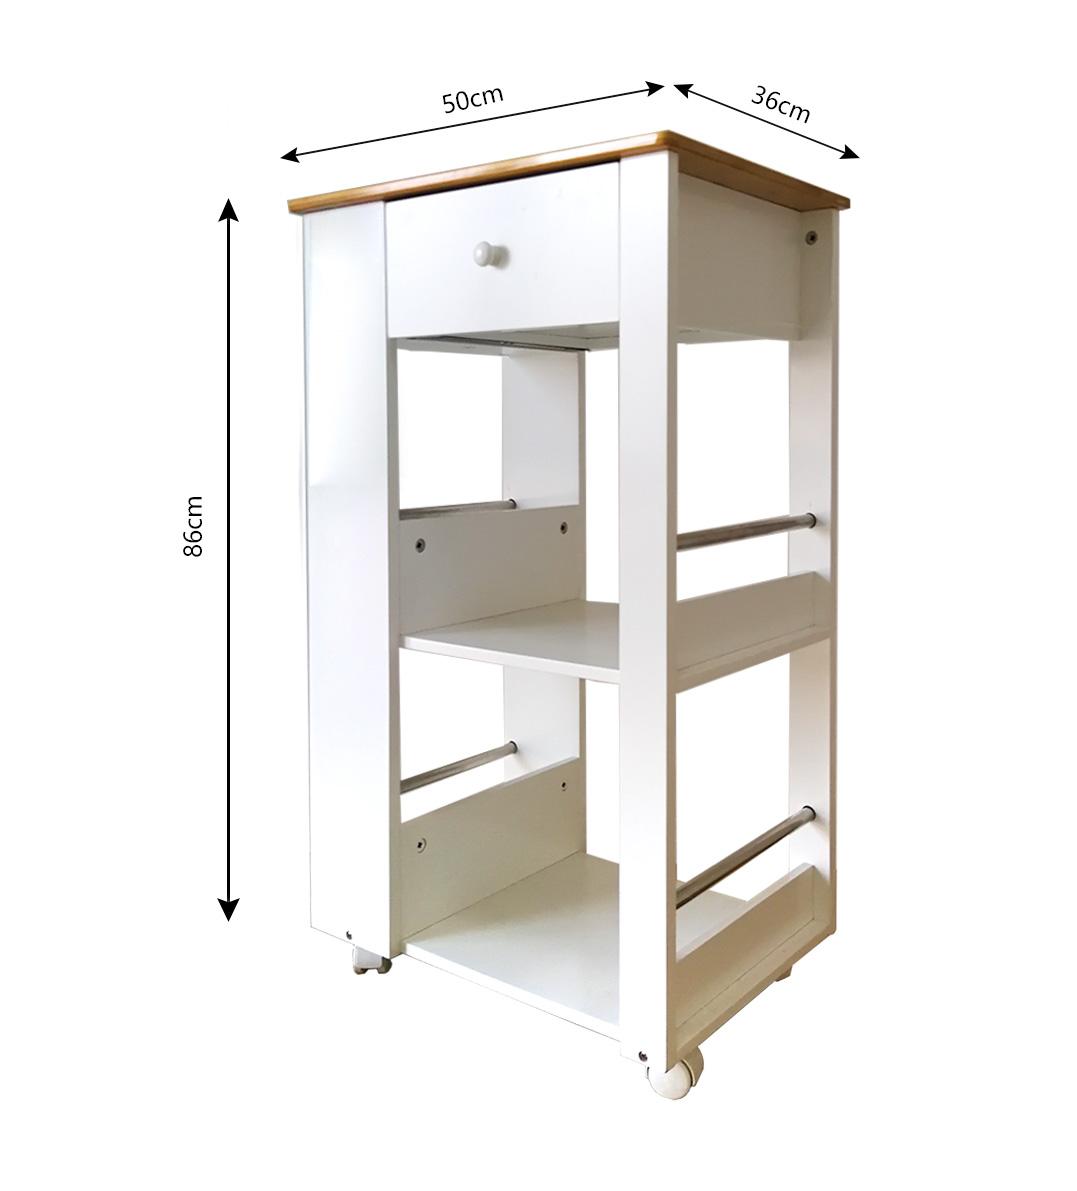 145x300cm Ikea Merete visillos par blanqueada blanco; cortina cortinas visillos